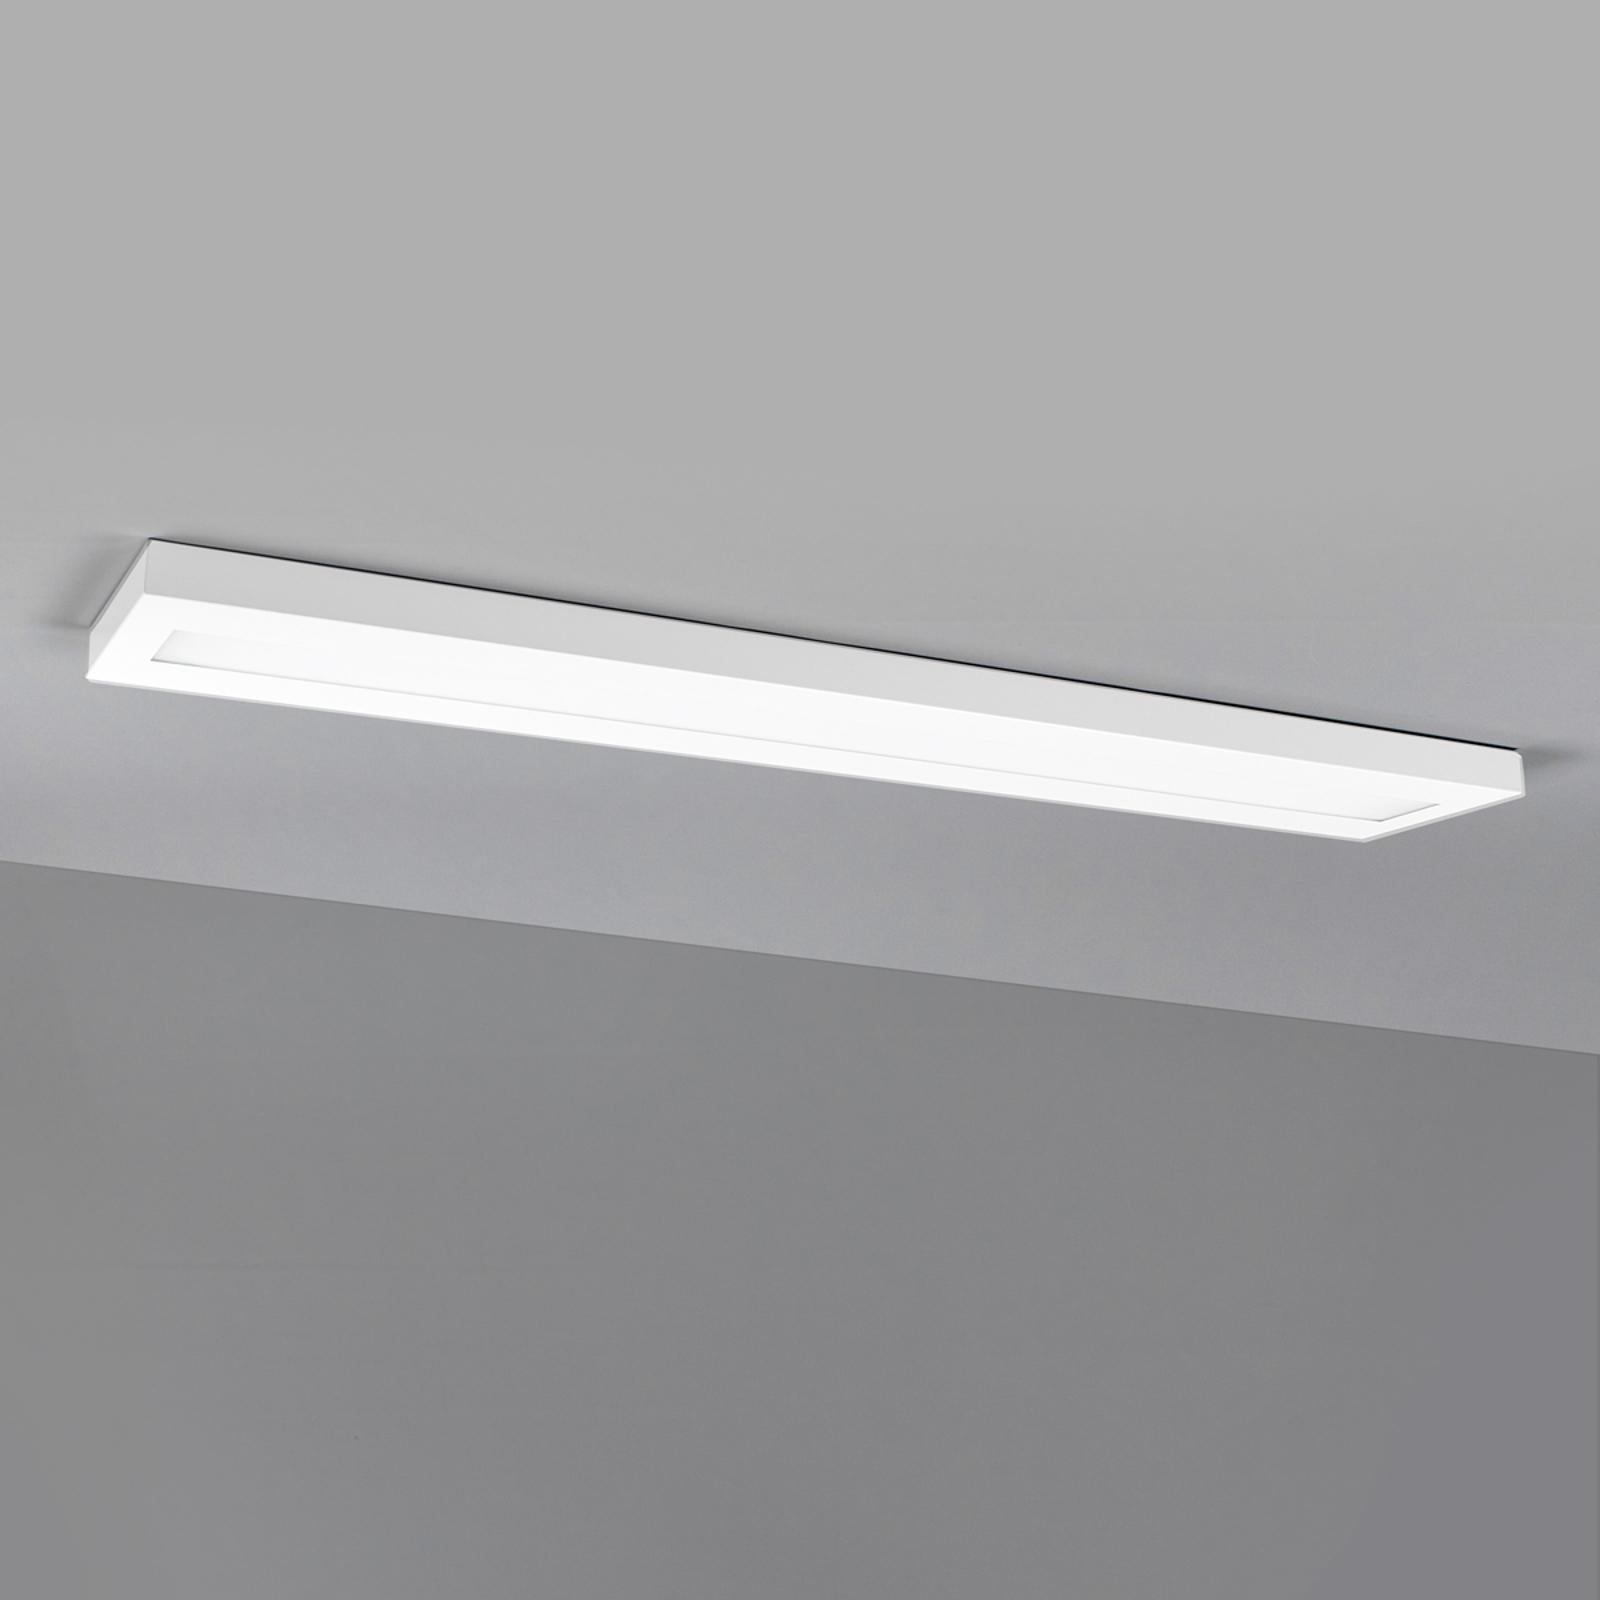 Podlouhlé přisazené LED svítidlo 120 cm bílá, BAP